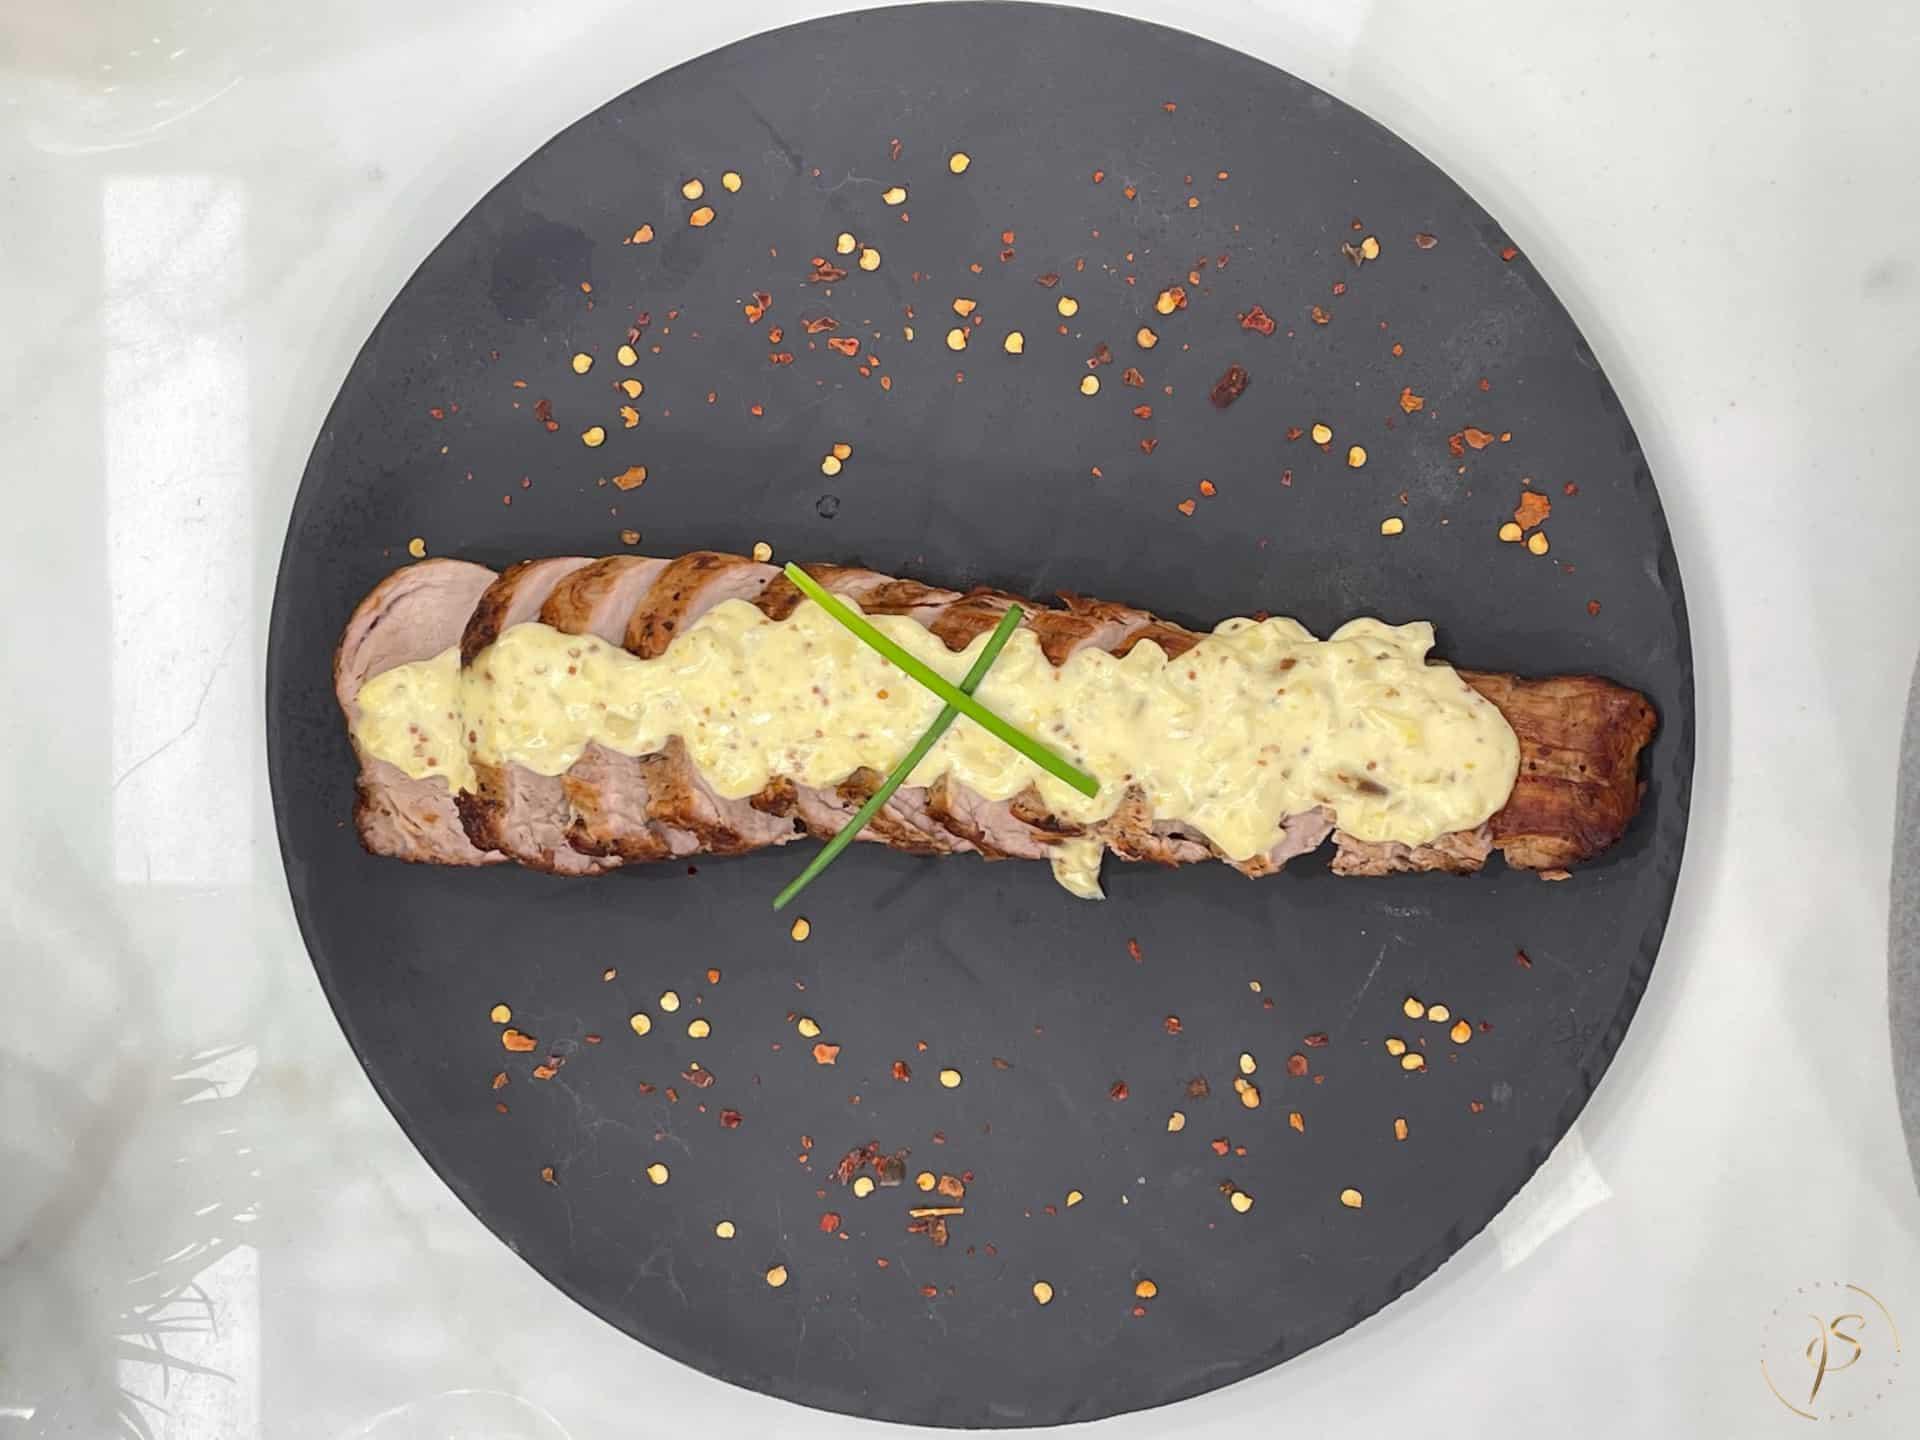 ψαρονέφρι σε κρεμώδη σάλτσα μουστάρδας